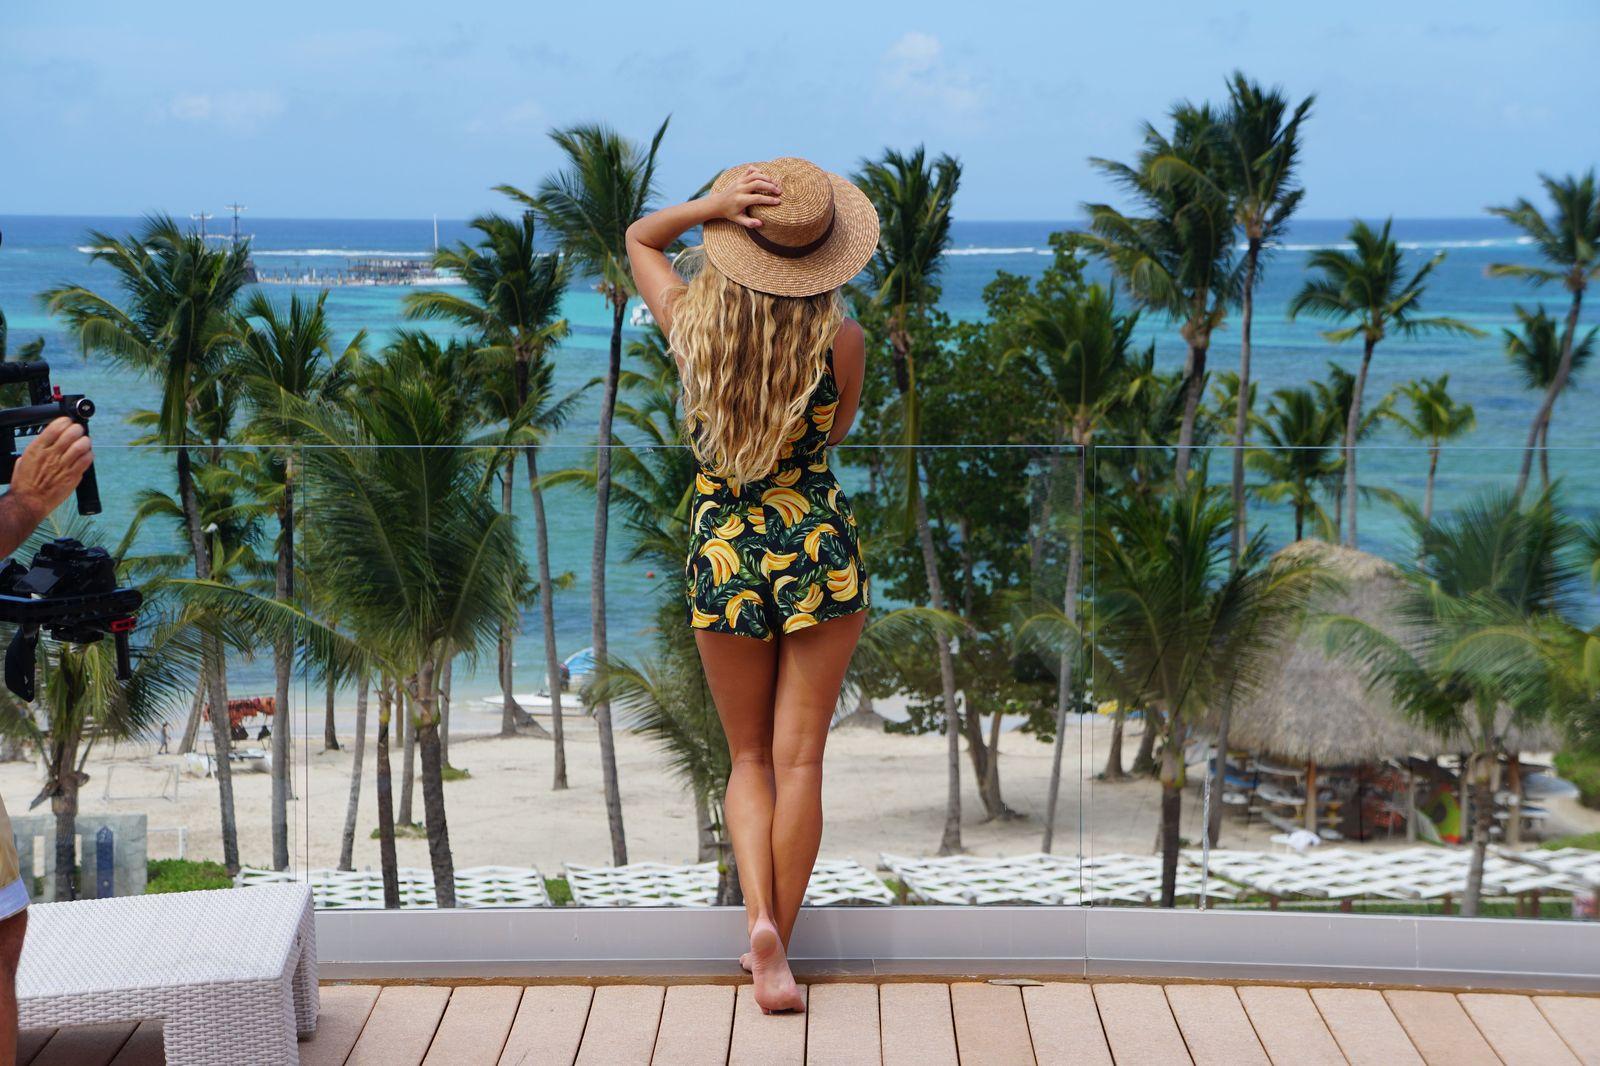 Vistas al Mar Caribe y unas irrefrenables ganas de quedarse en Punta Cana